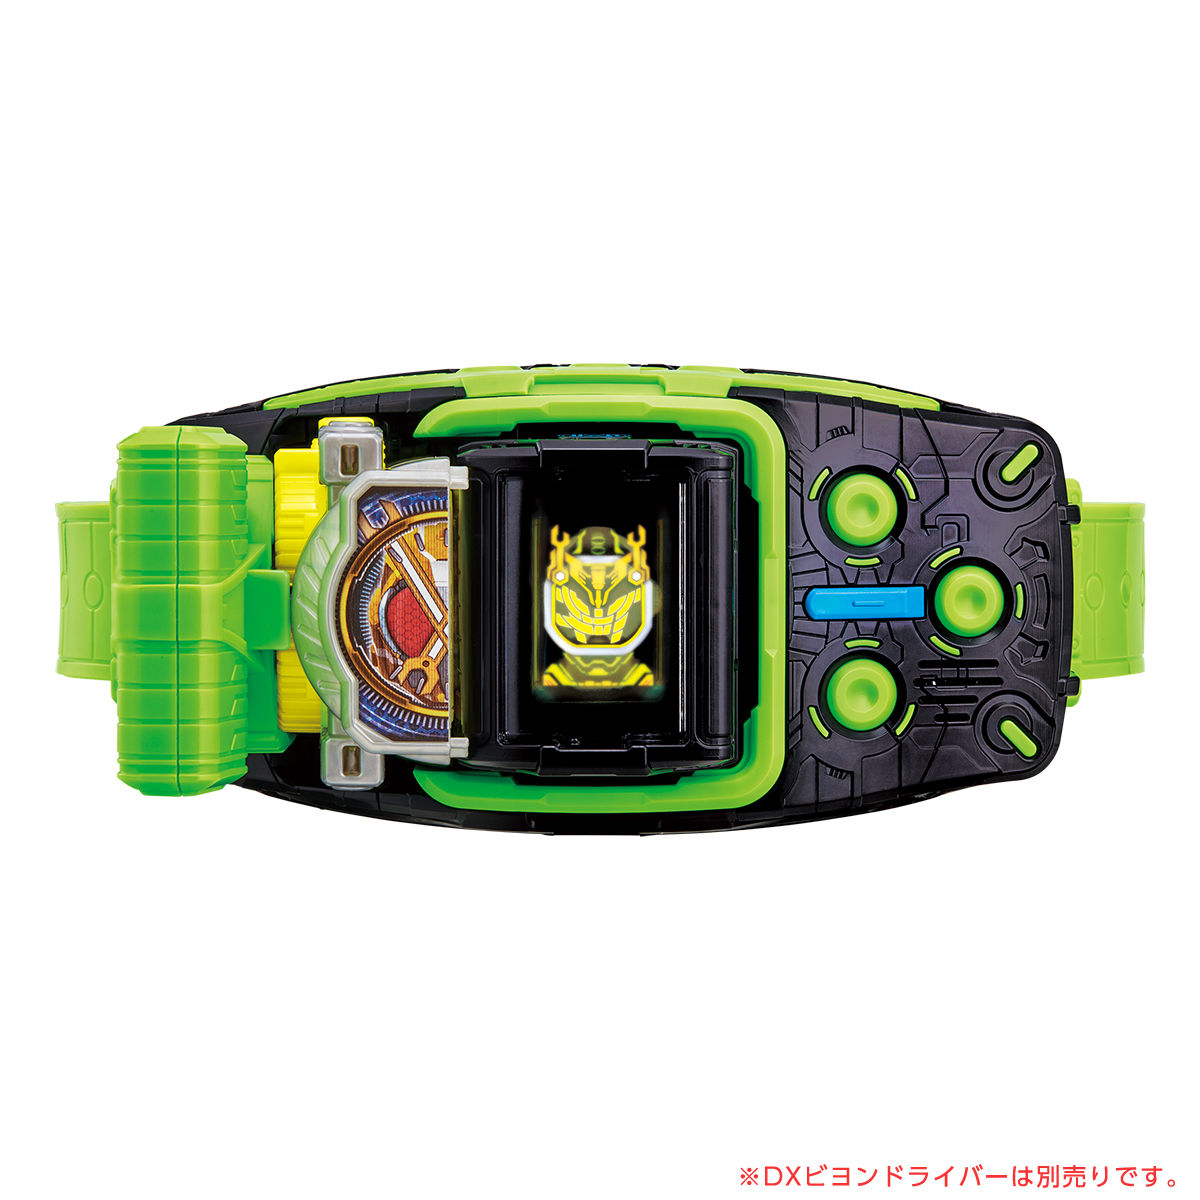 仮面ライダージオウ『DXキカイミライドウォッチ』変身なりきり-006